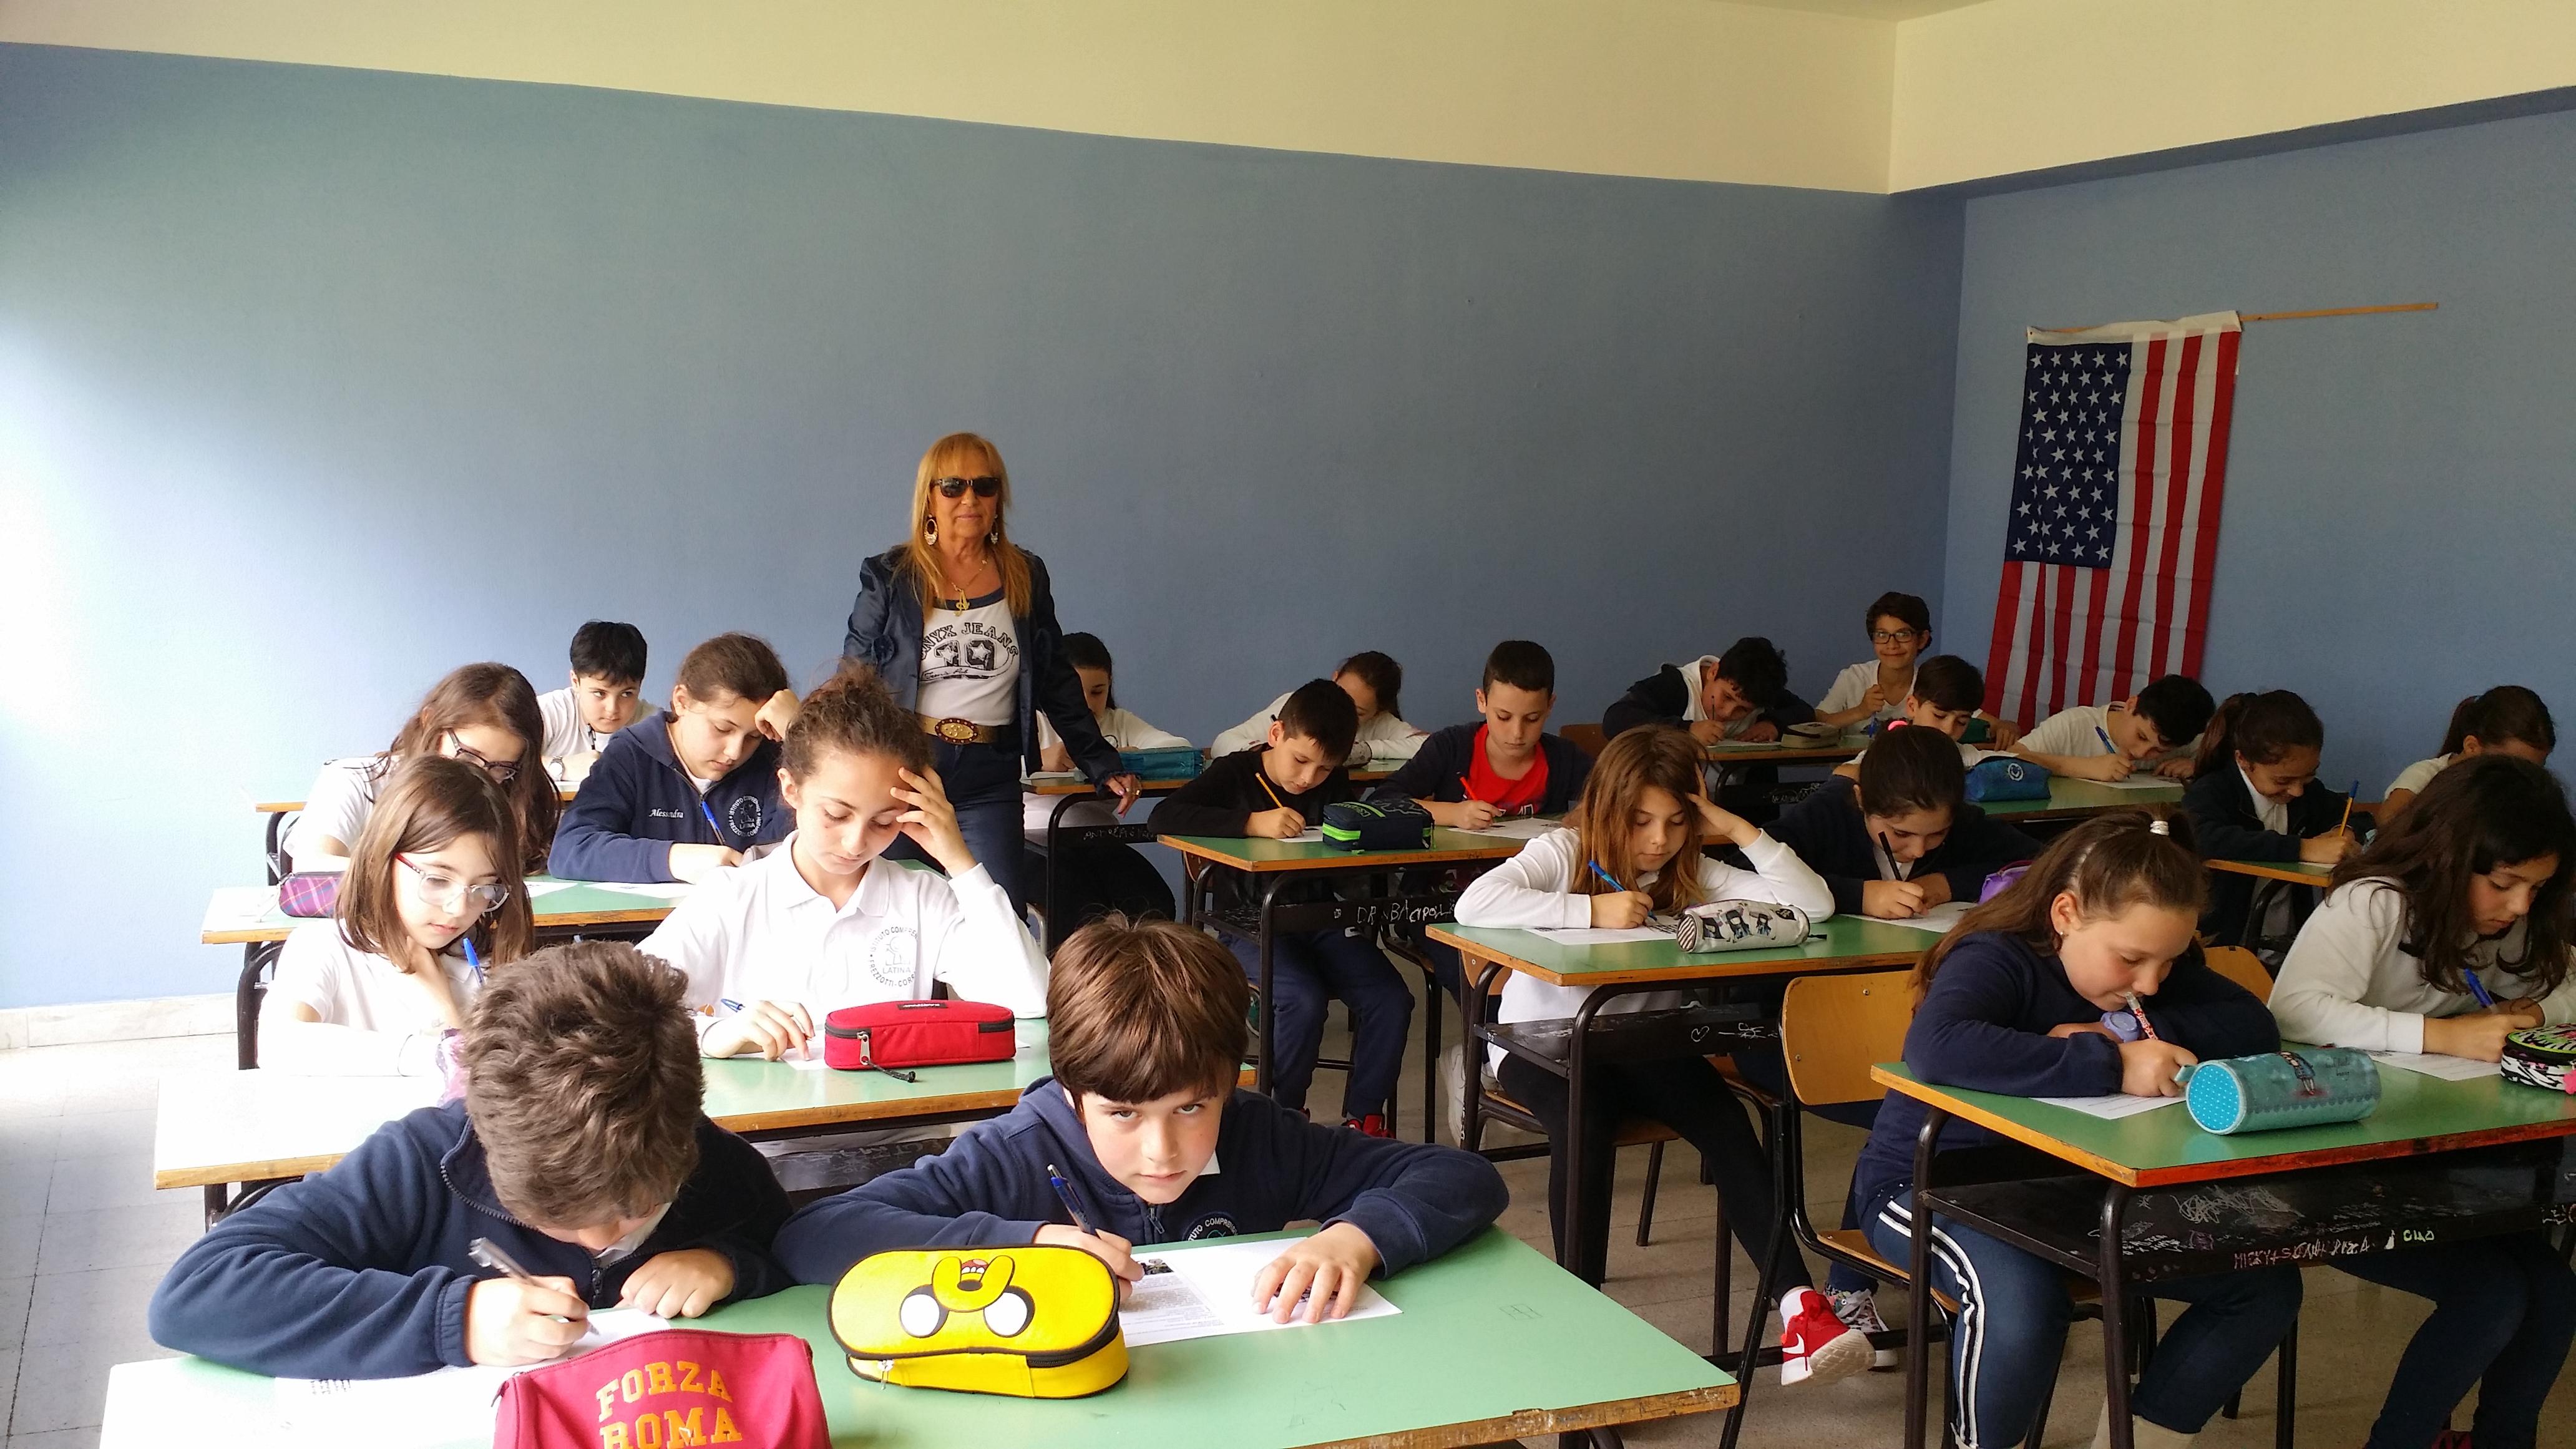 gioiamathesis Istituto comprensivo leonida montanari rocca di papa home studenti famiglie personale ata docenti accedi.